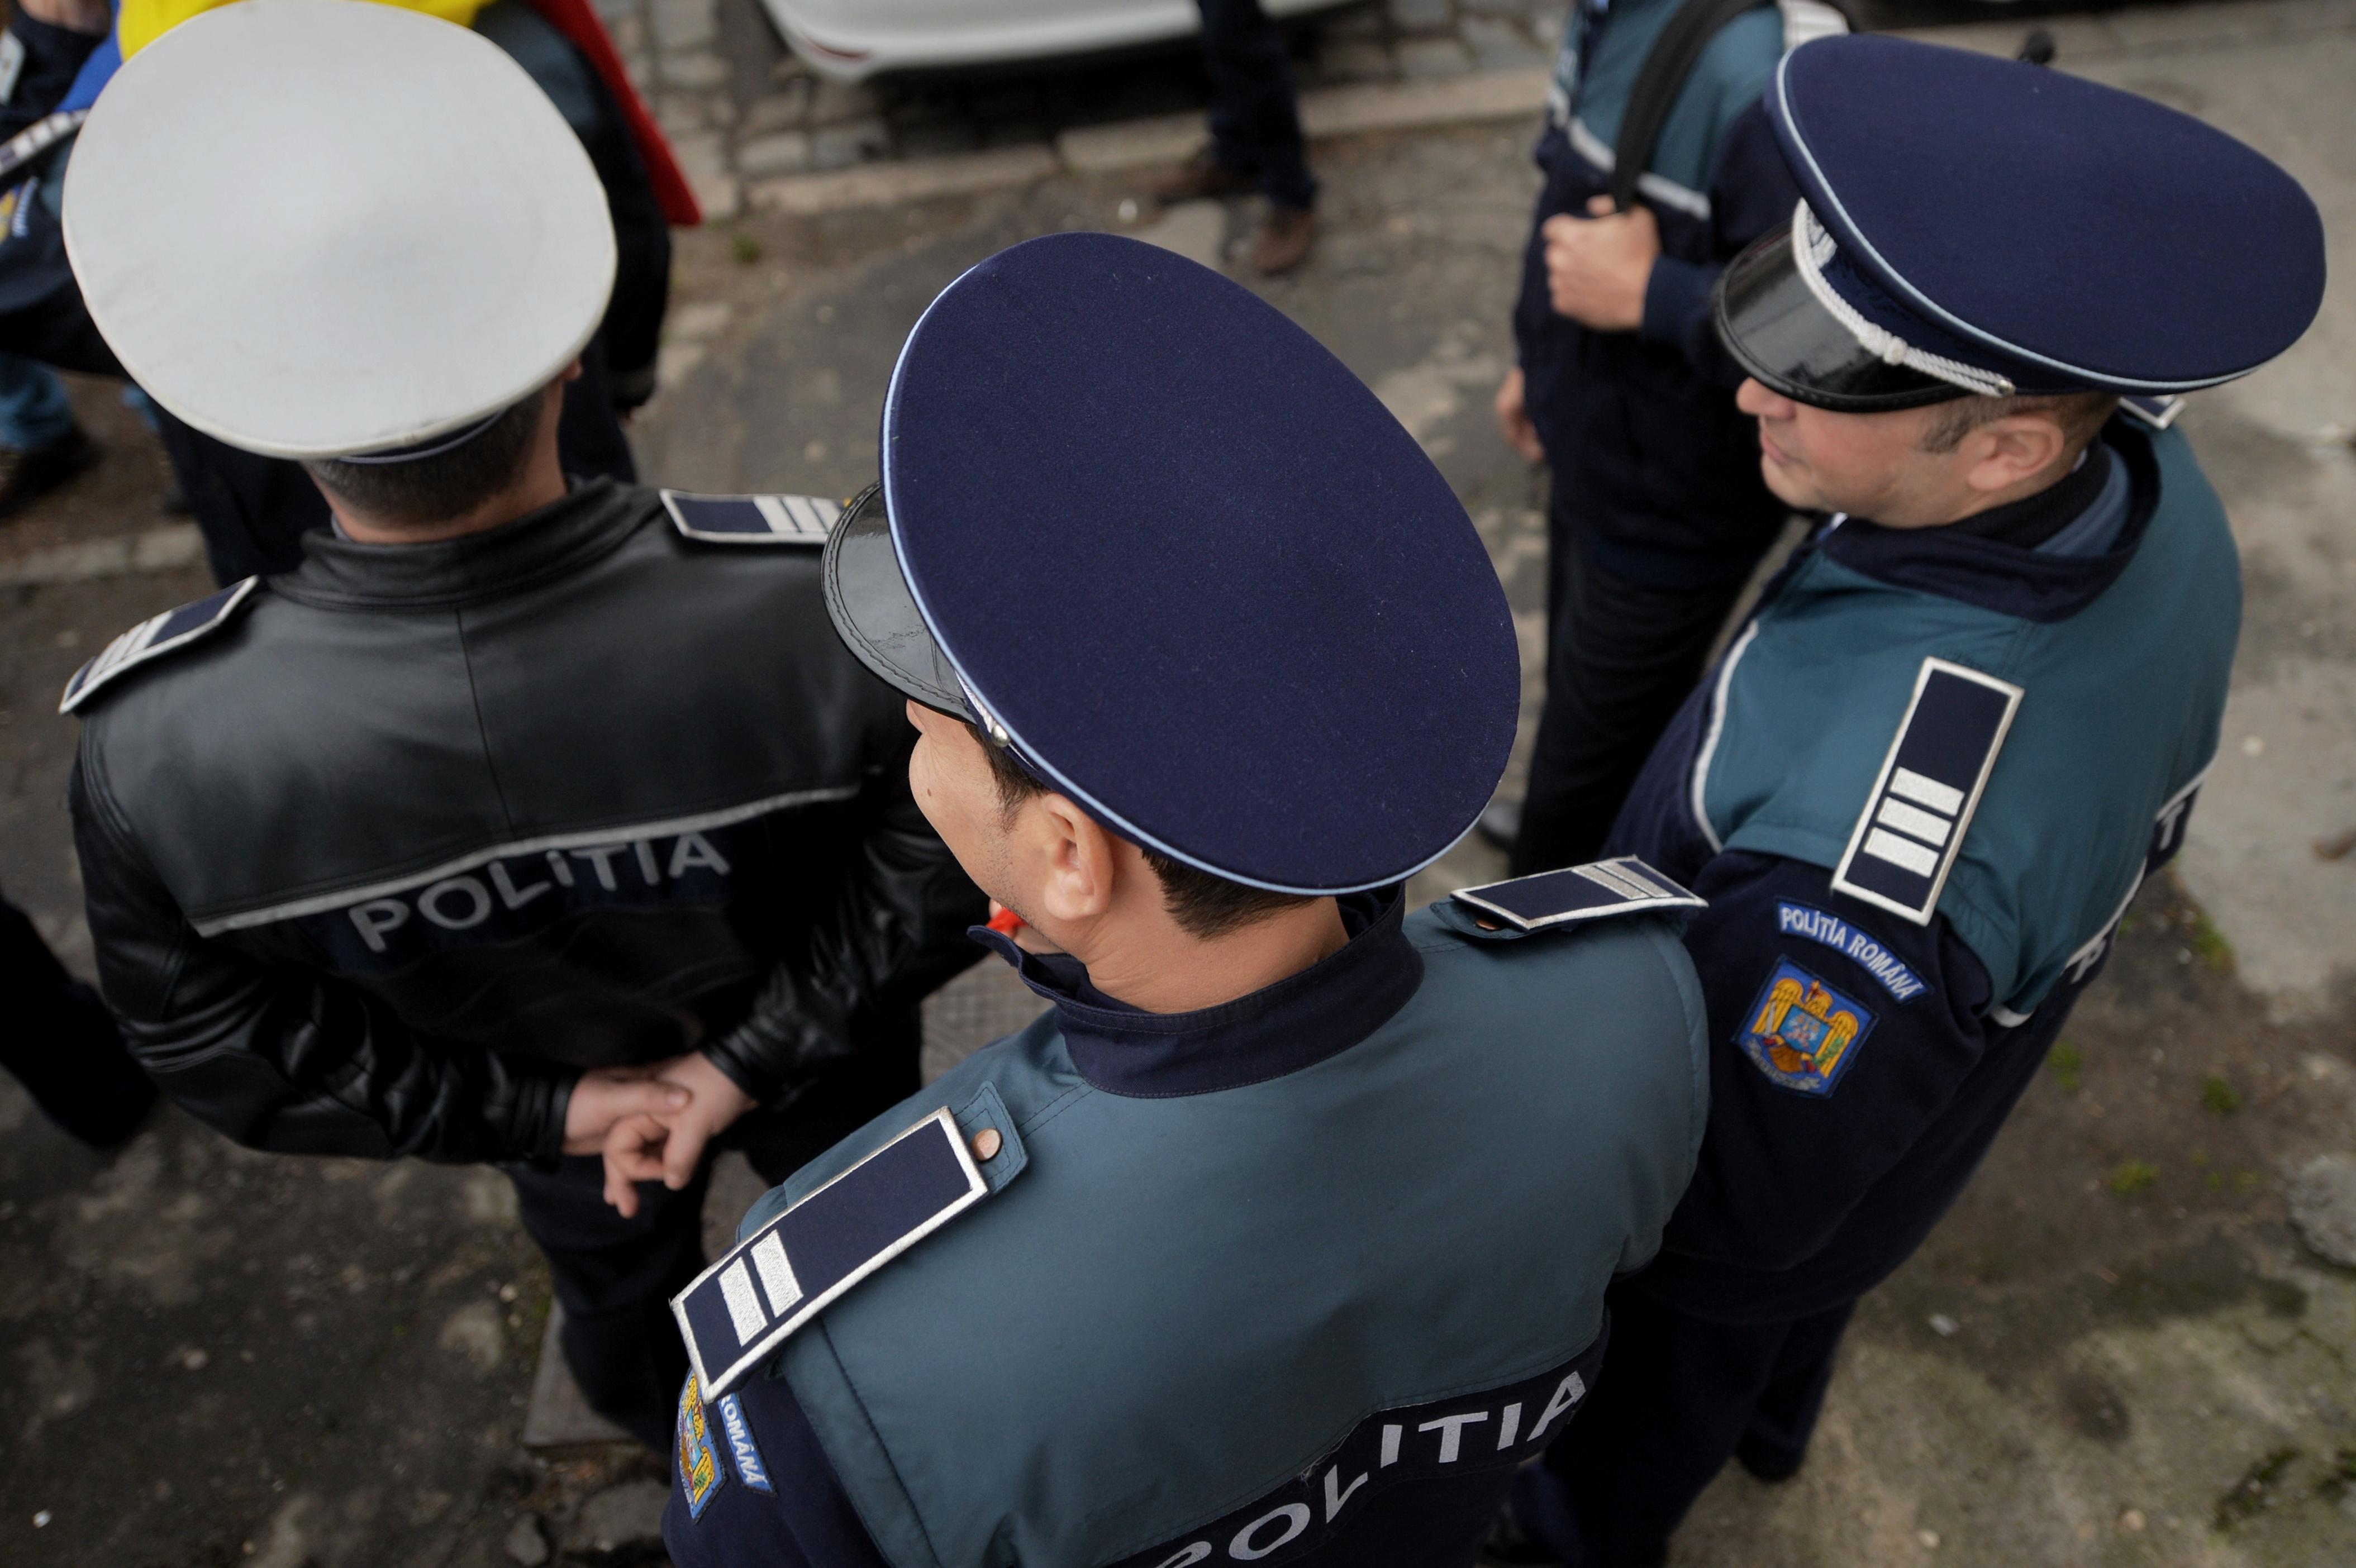 Galaţi: Bărbat arestat după ce a lovit doi poliţişti şi le-a rupt uniformele